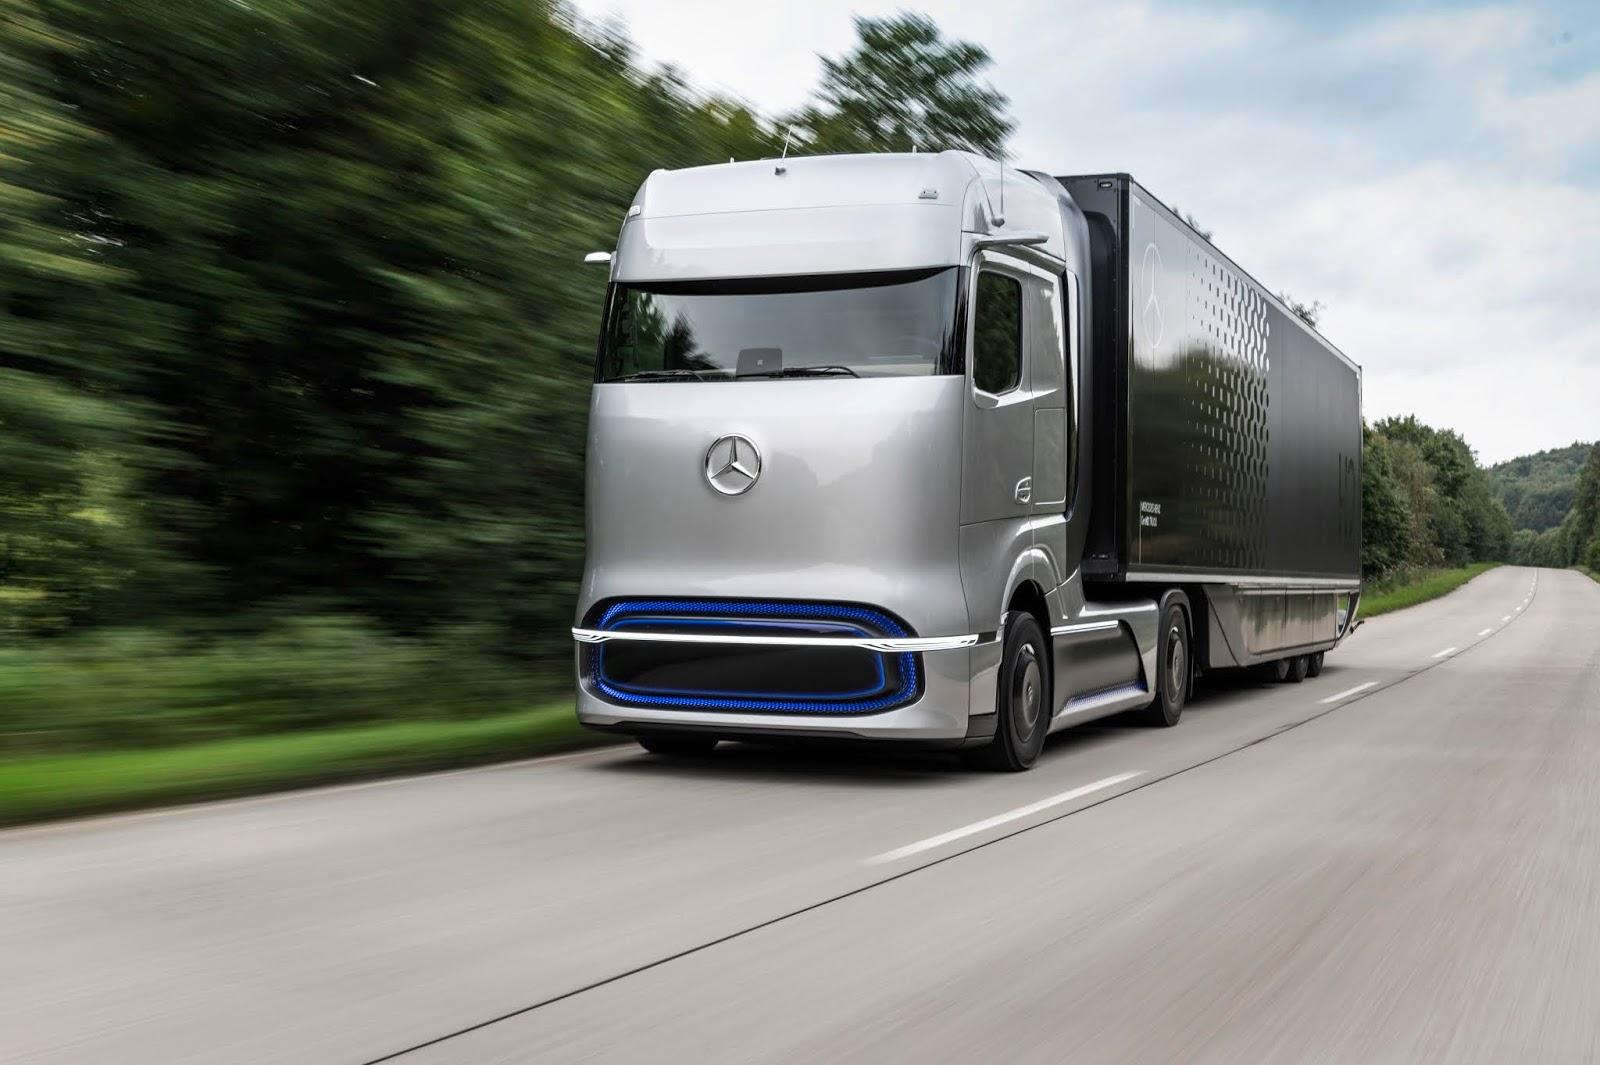 20C0706 07 Οι πρωτοπόροι της ηλεκτροκίνησης: το Mercedes-Benz eActros και το Mercedes-Benz GenH2 Truck κερδίζουν το βραβείο καινοτομίας «Truck Innovation Award 2021» electric trucks, EV, Mercedes, Mercedes Benz, ειδήσεις, Επαγγελματικά, Φορτηγά